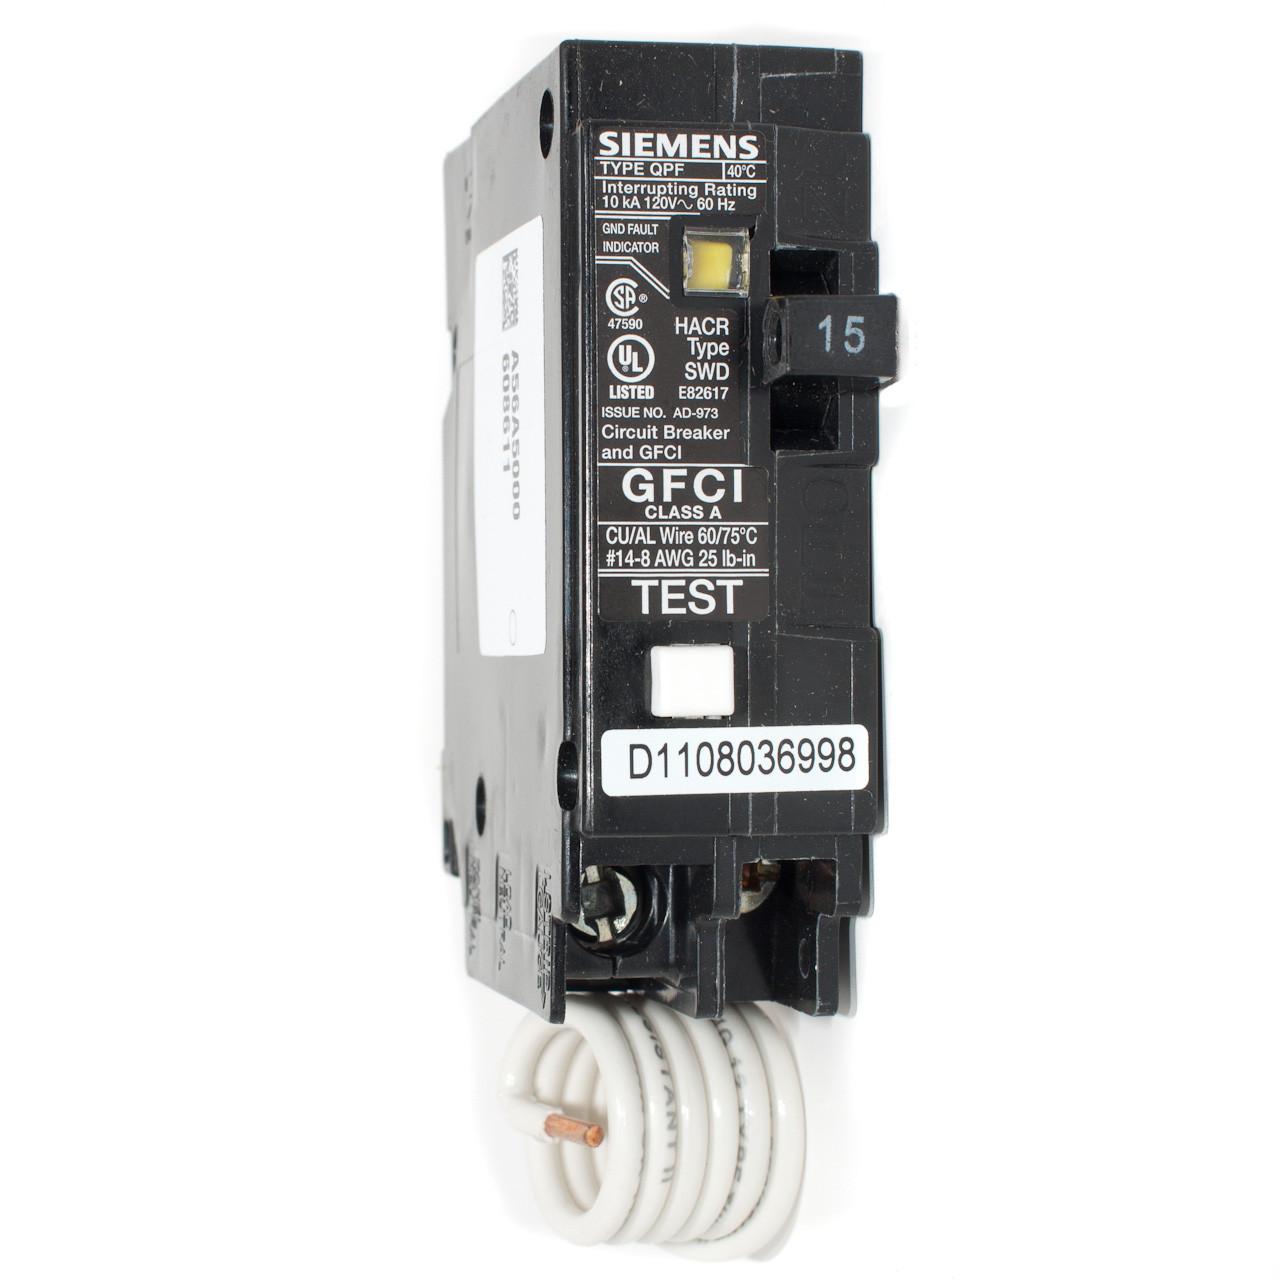 Siemens Gfci Circuit Breaker Best Secret Wiring Diagram 2 Pole Qf115 15a Single Push On Tremtech Rh Store Com 60a 30 Amp